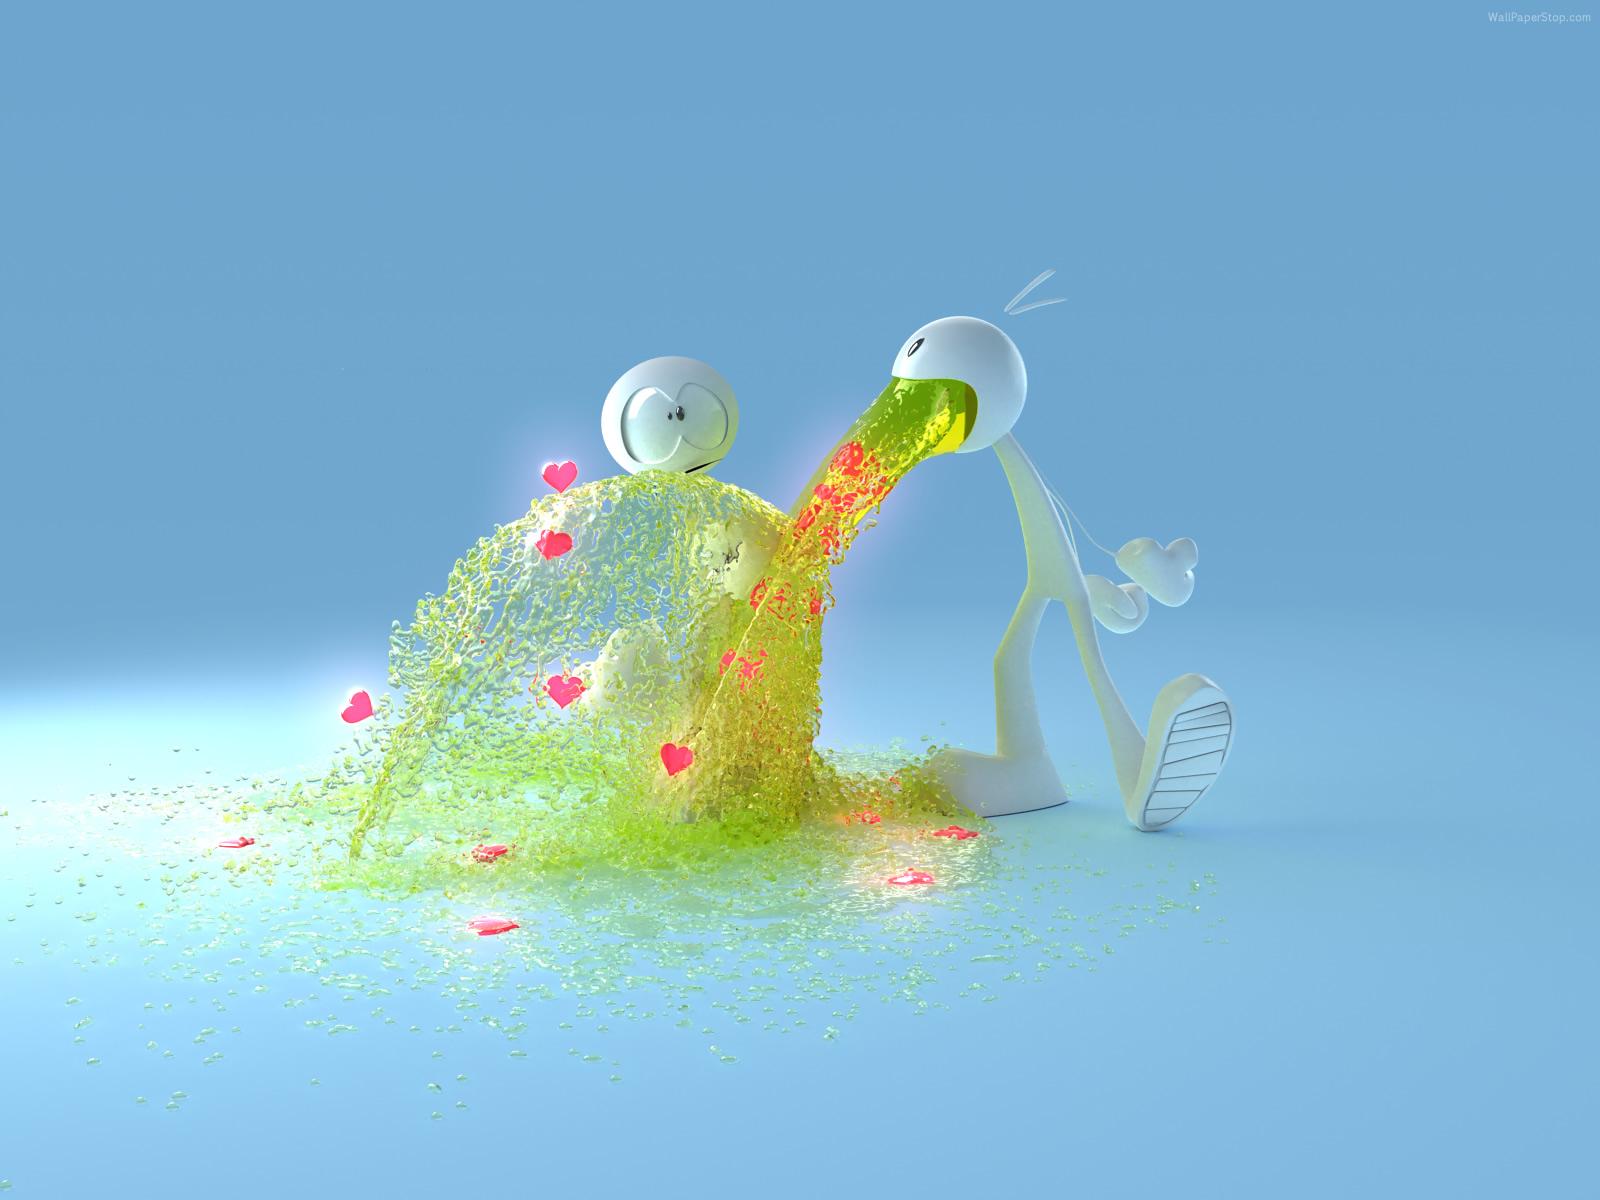 http://4.bp.blogspot.com/_RAlP3BmEW1Q/TQXwVQQWSDI/AAAAAAAACFM/AxuiO7B_7FQ/s1600/The-best-top-3D-desktop-wallpapers-1.jpg